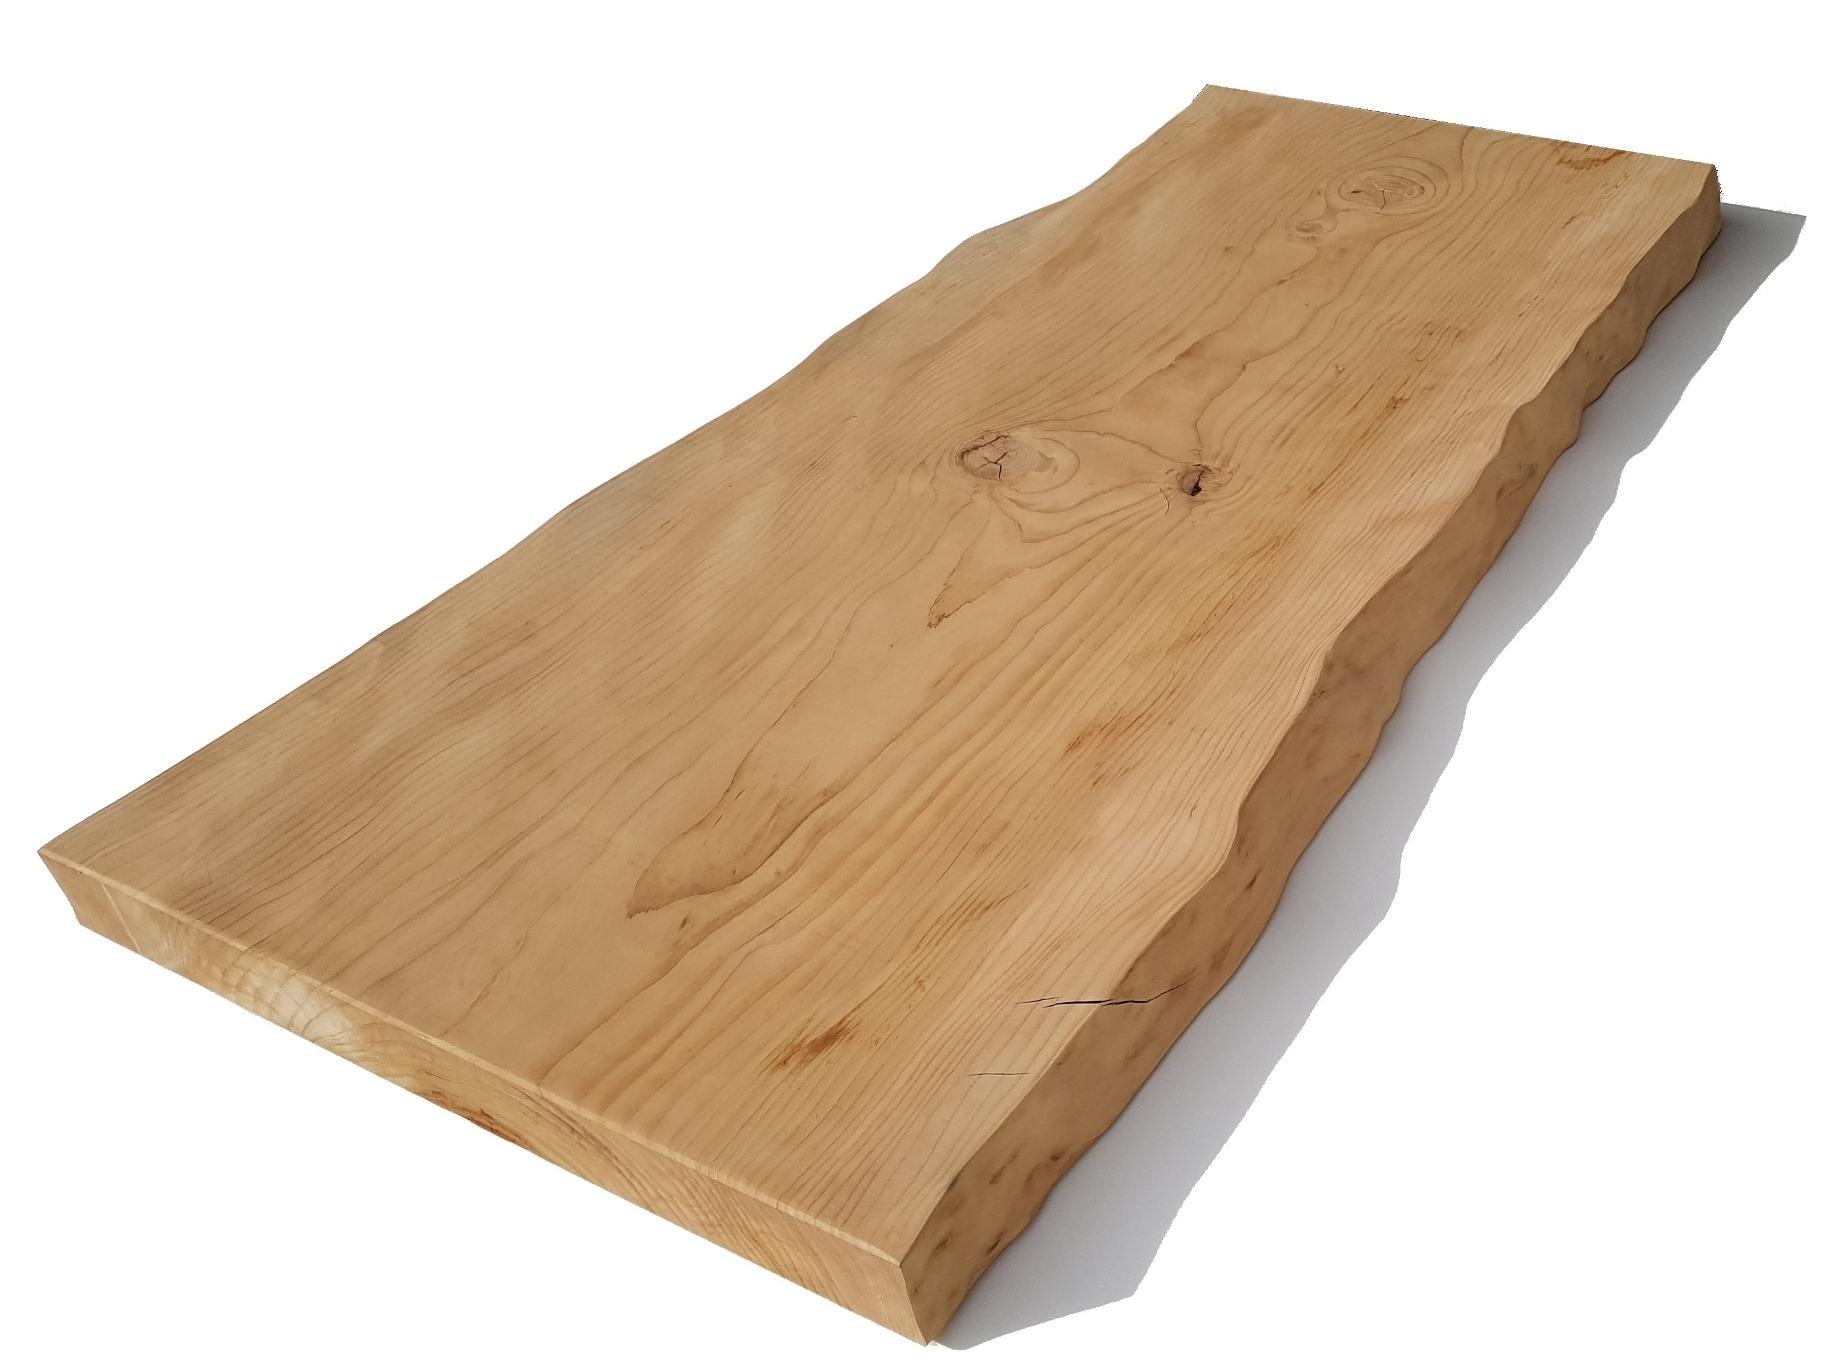 Piano Tavolo In Legno Cedro Del Libano Cm 8 X 80 X 180